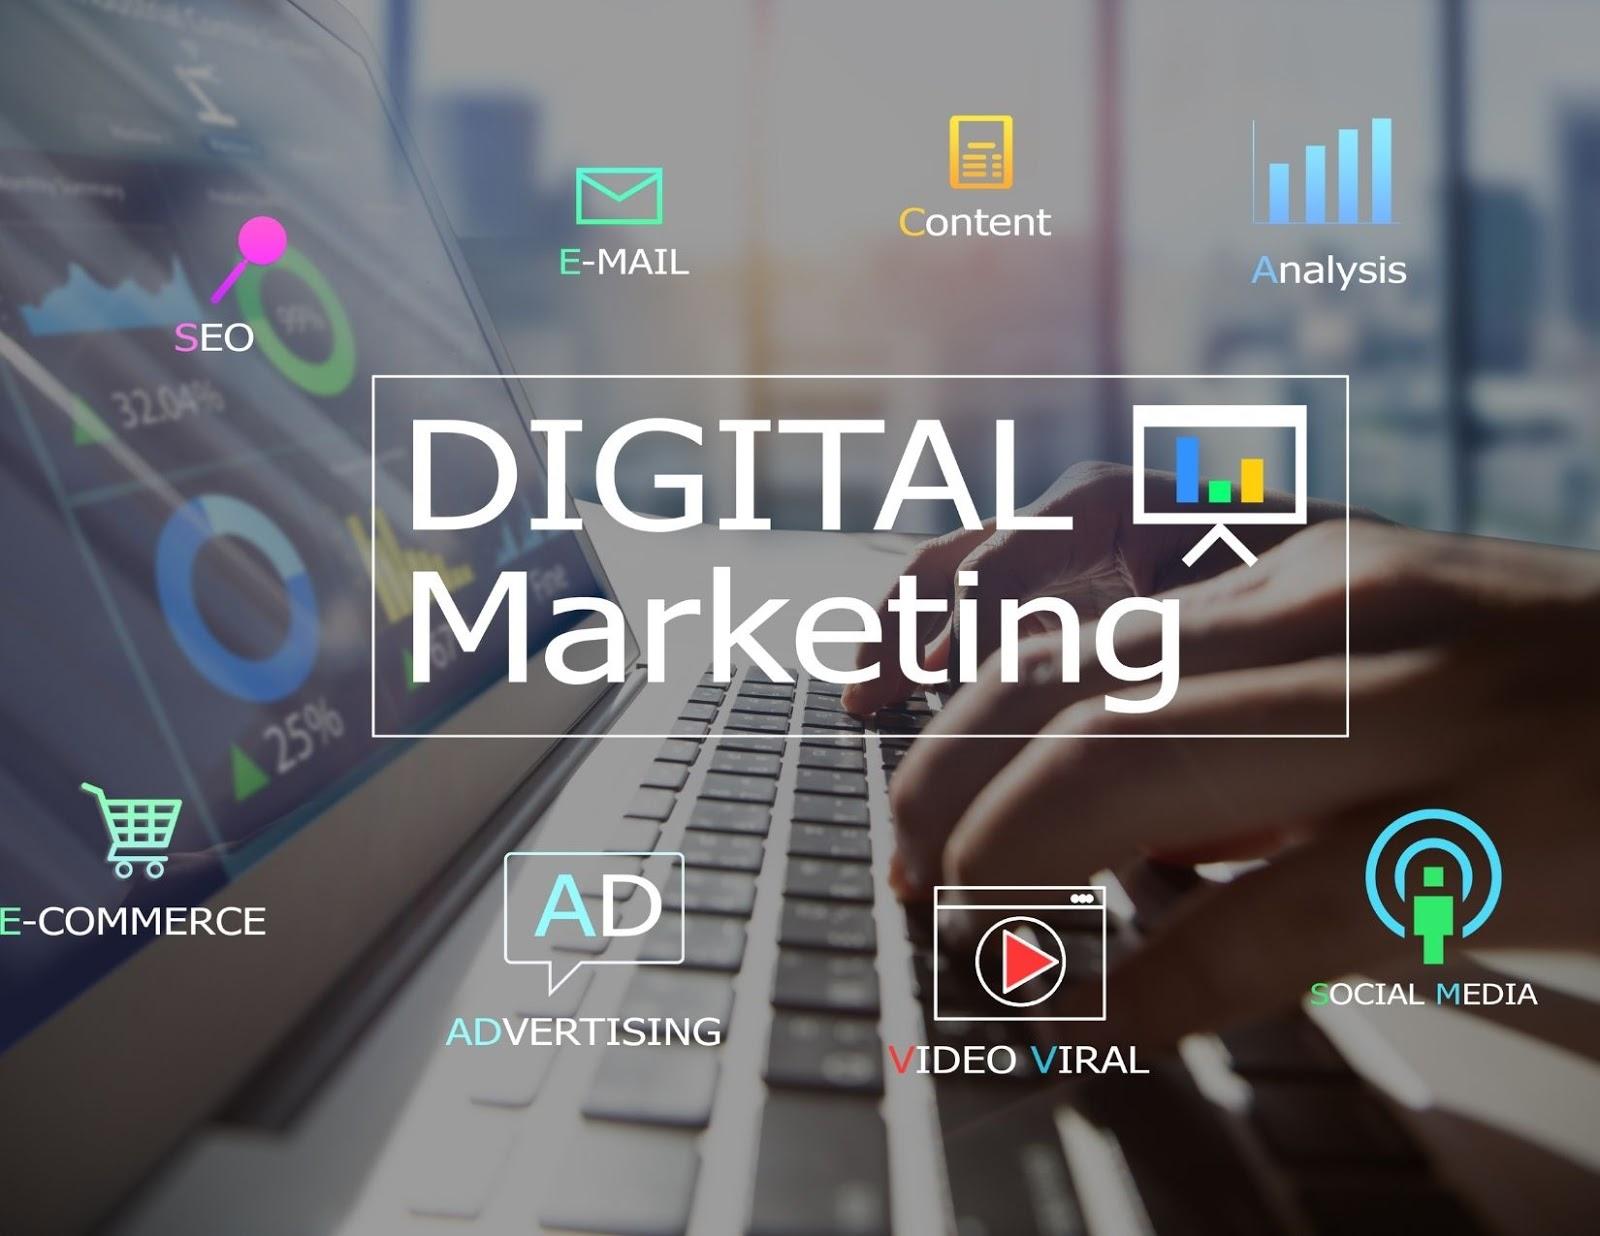 digital marketing, social media marketing, online advertising